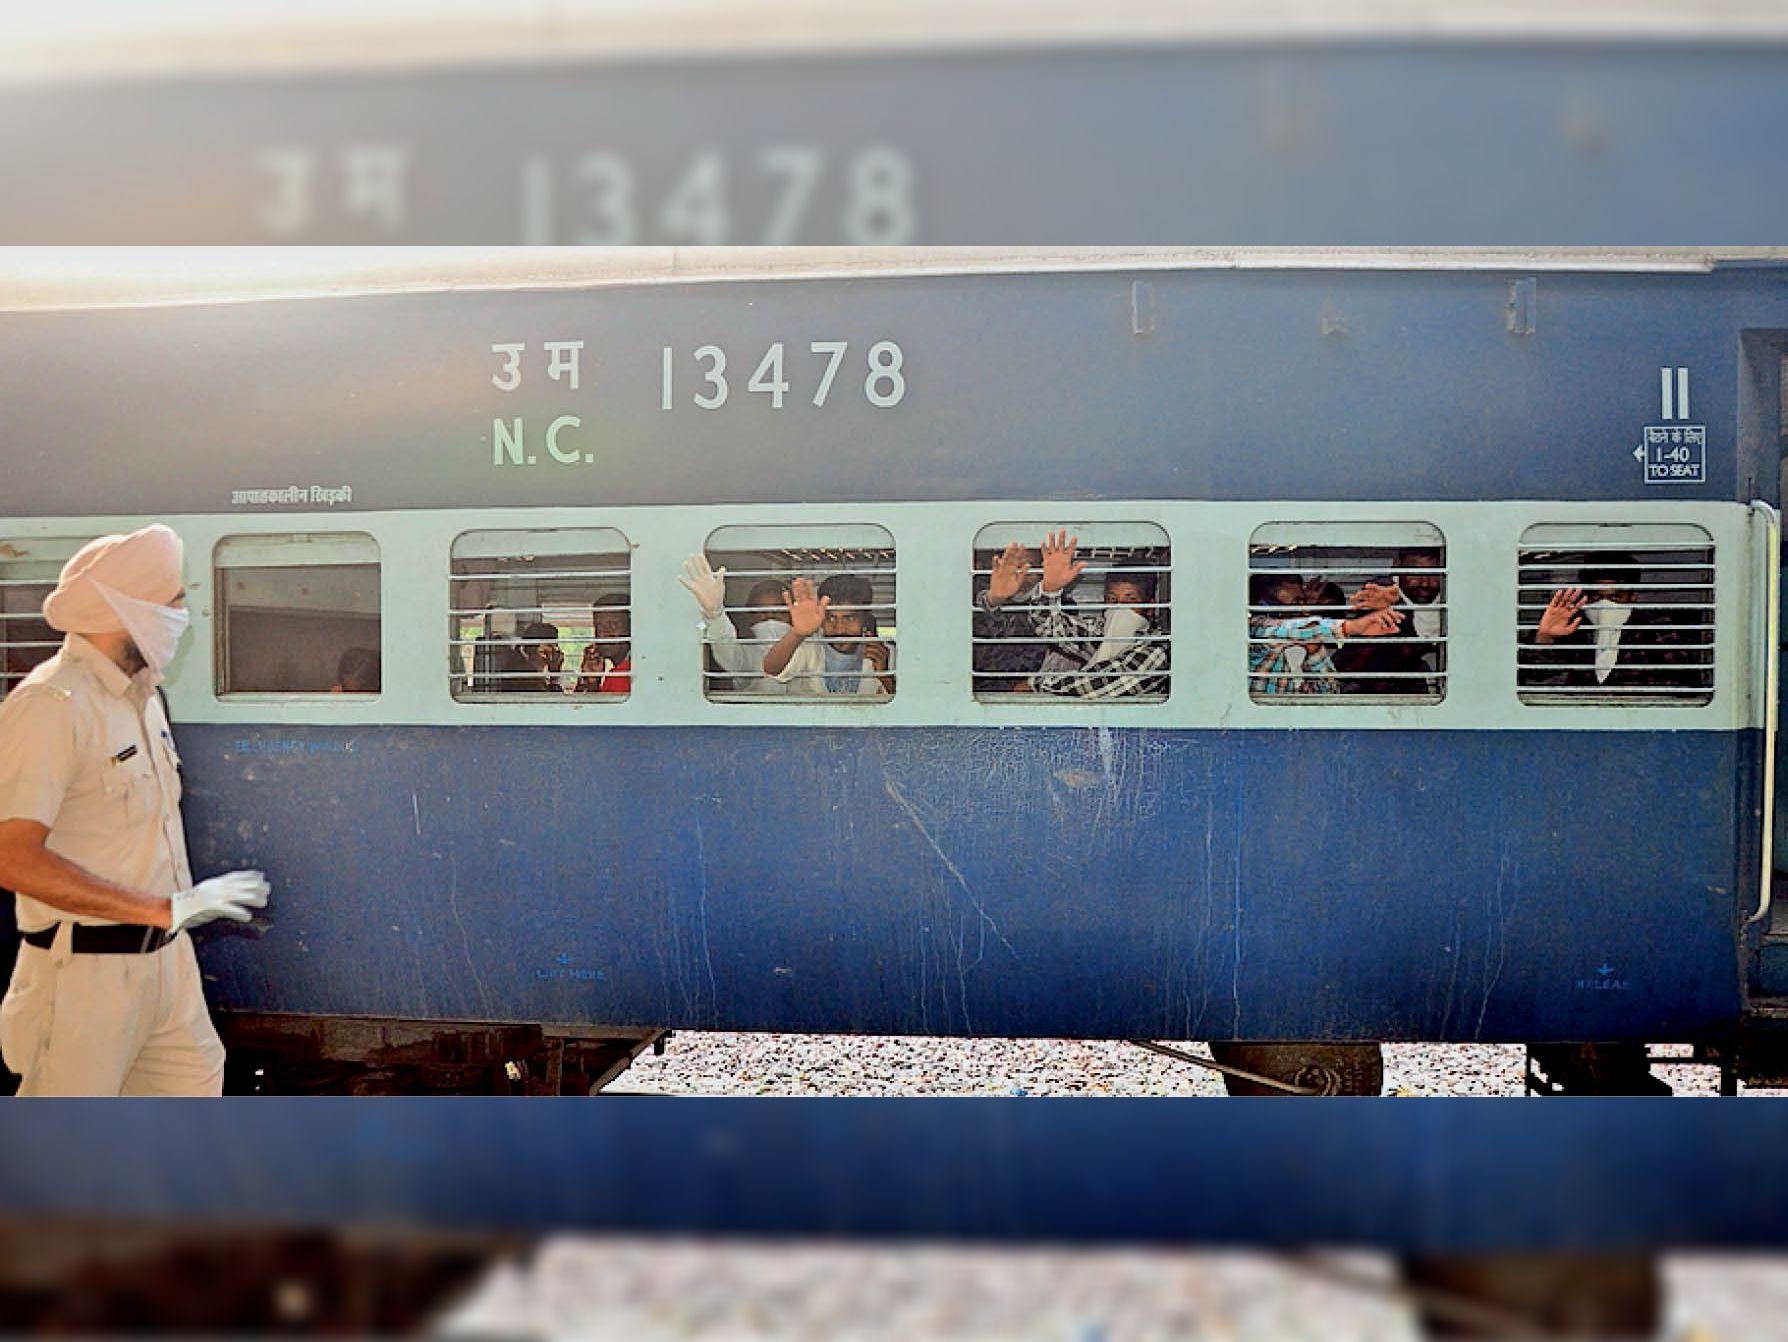 पटियाला से गोंडा एक्सप्रेस हुई रवाना, आज यूपी के आजमगढ़ और बिहार के छपरा के लिए भेजी जाएगी ट्रेन|पटियाला,Patiala - Dainik Bhaskar